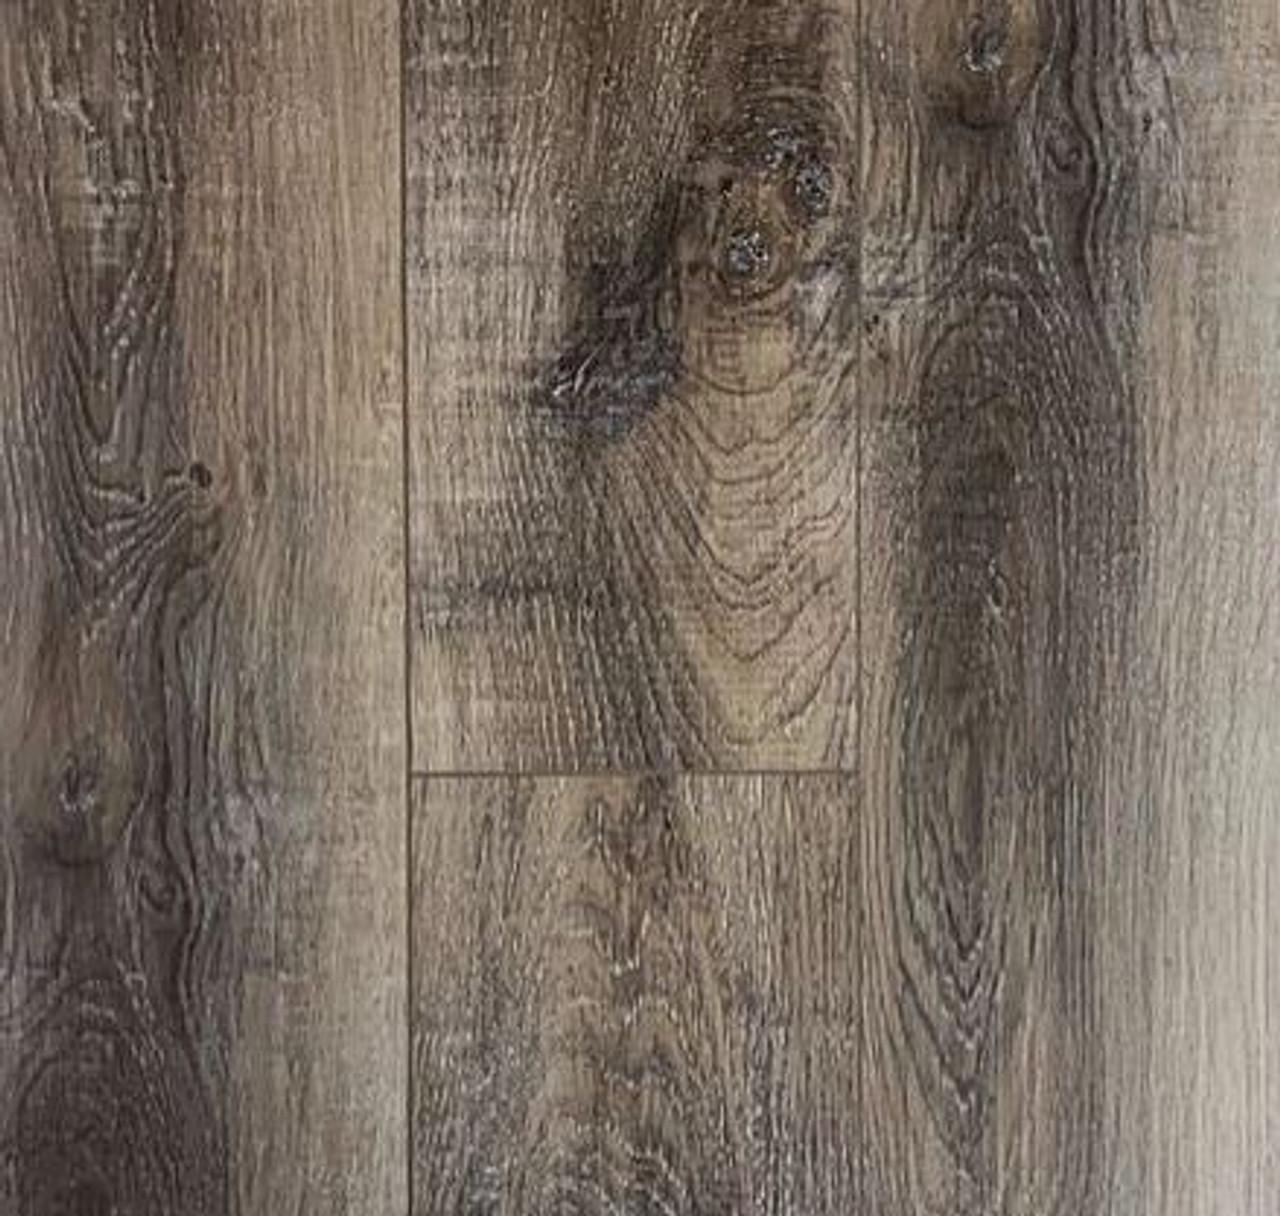 Stone King | Waterproof Rigid LVP | MRKJ-Series | [28.36 SF / Box]